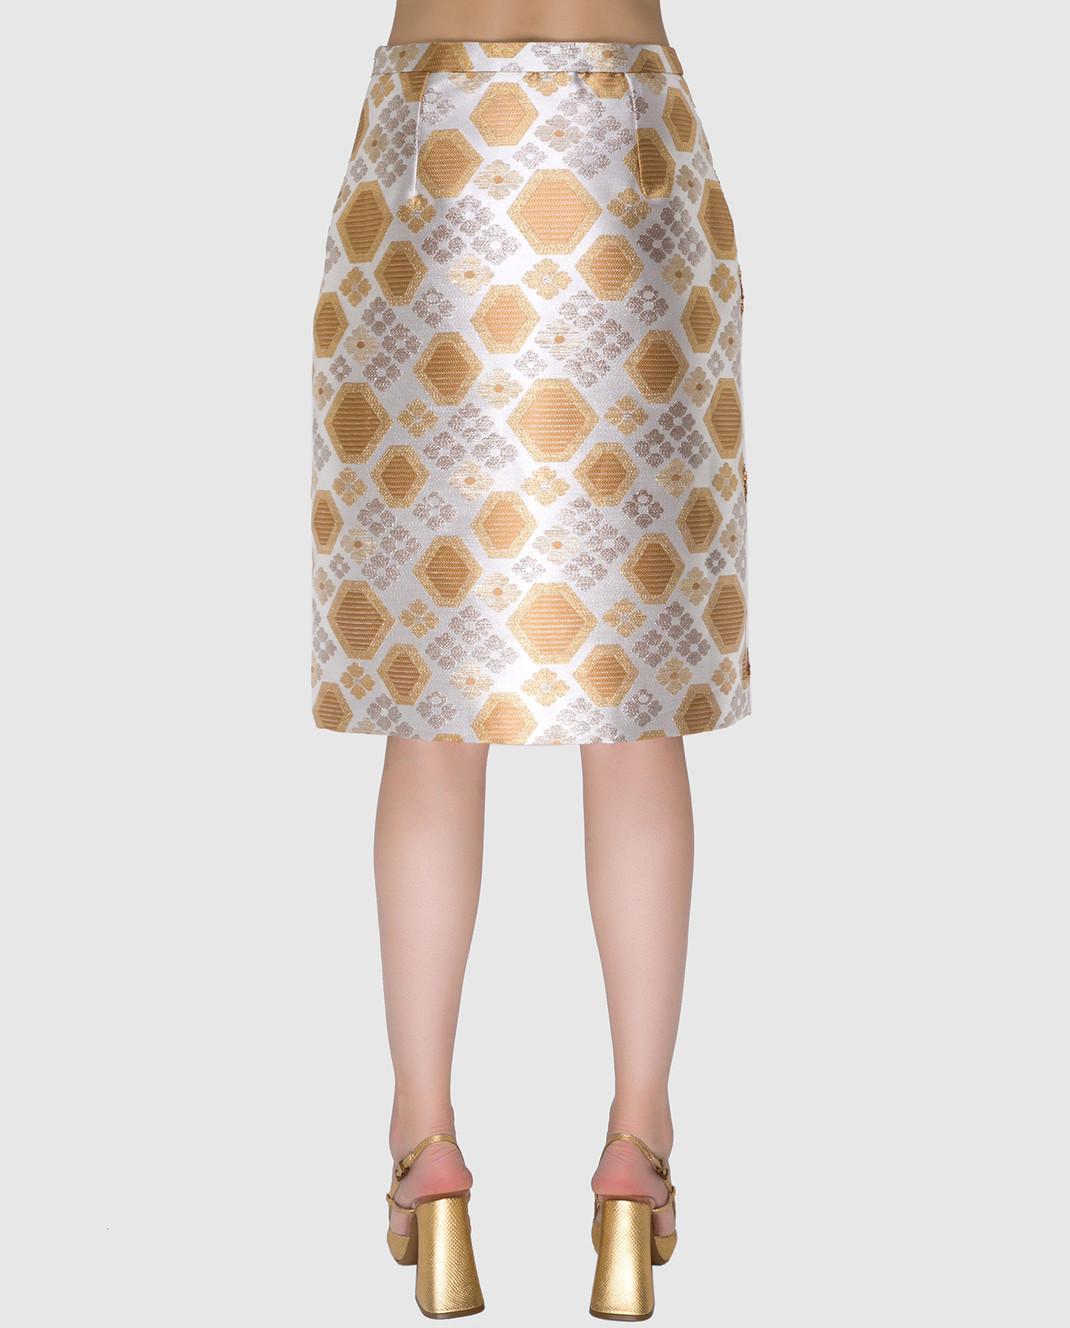 Manoush Светло-бежевая юбка PE7BROJ изображение 4